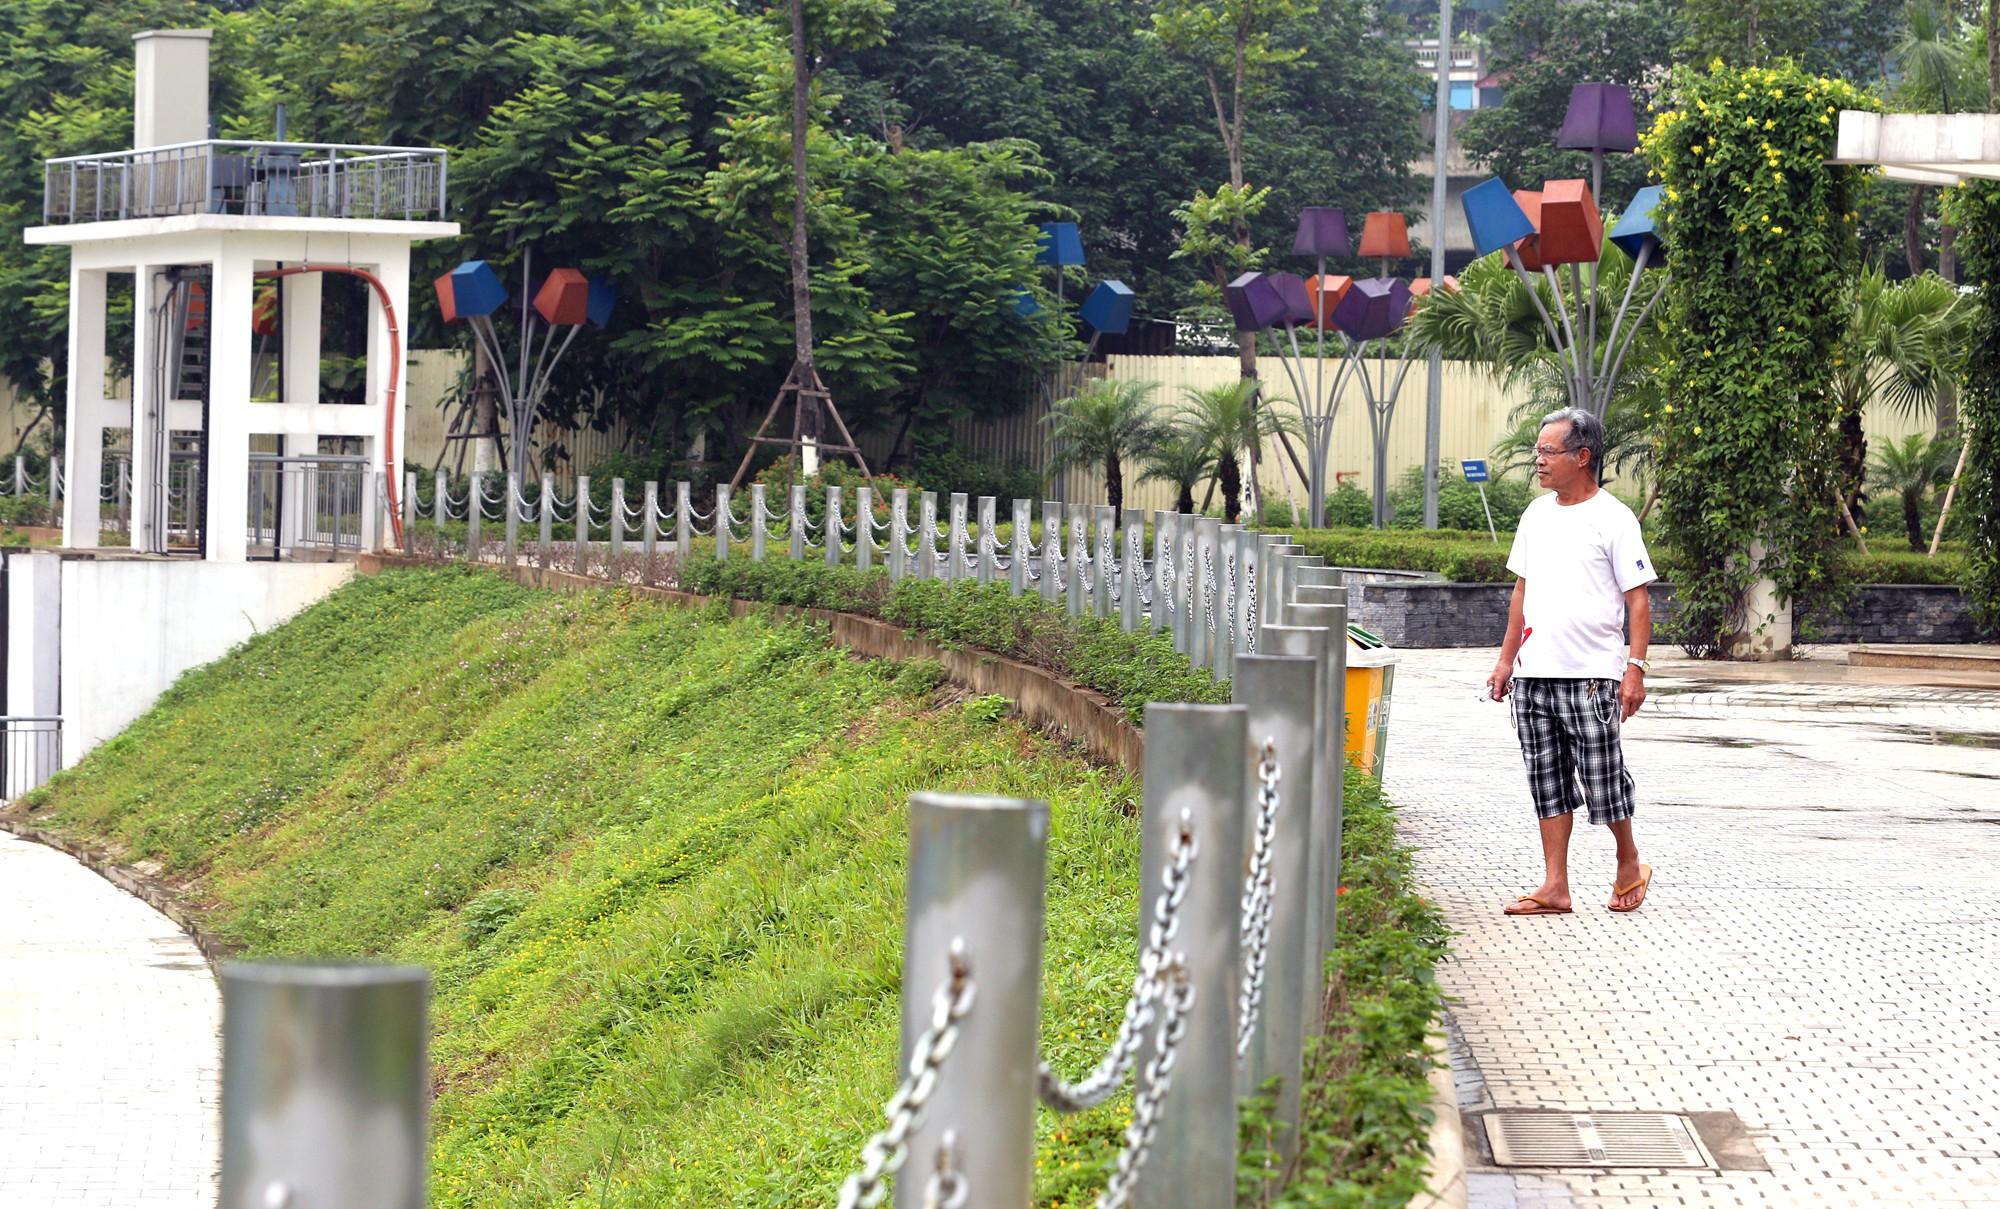 Công viên 300 tỉ đồng trên đất vàng ở Hà Nội mới khánh thành đã bị dân chê hôi thối - Ảnh 14.